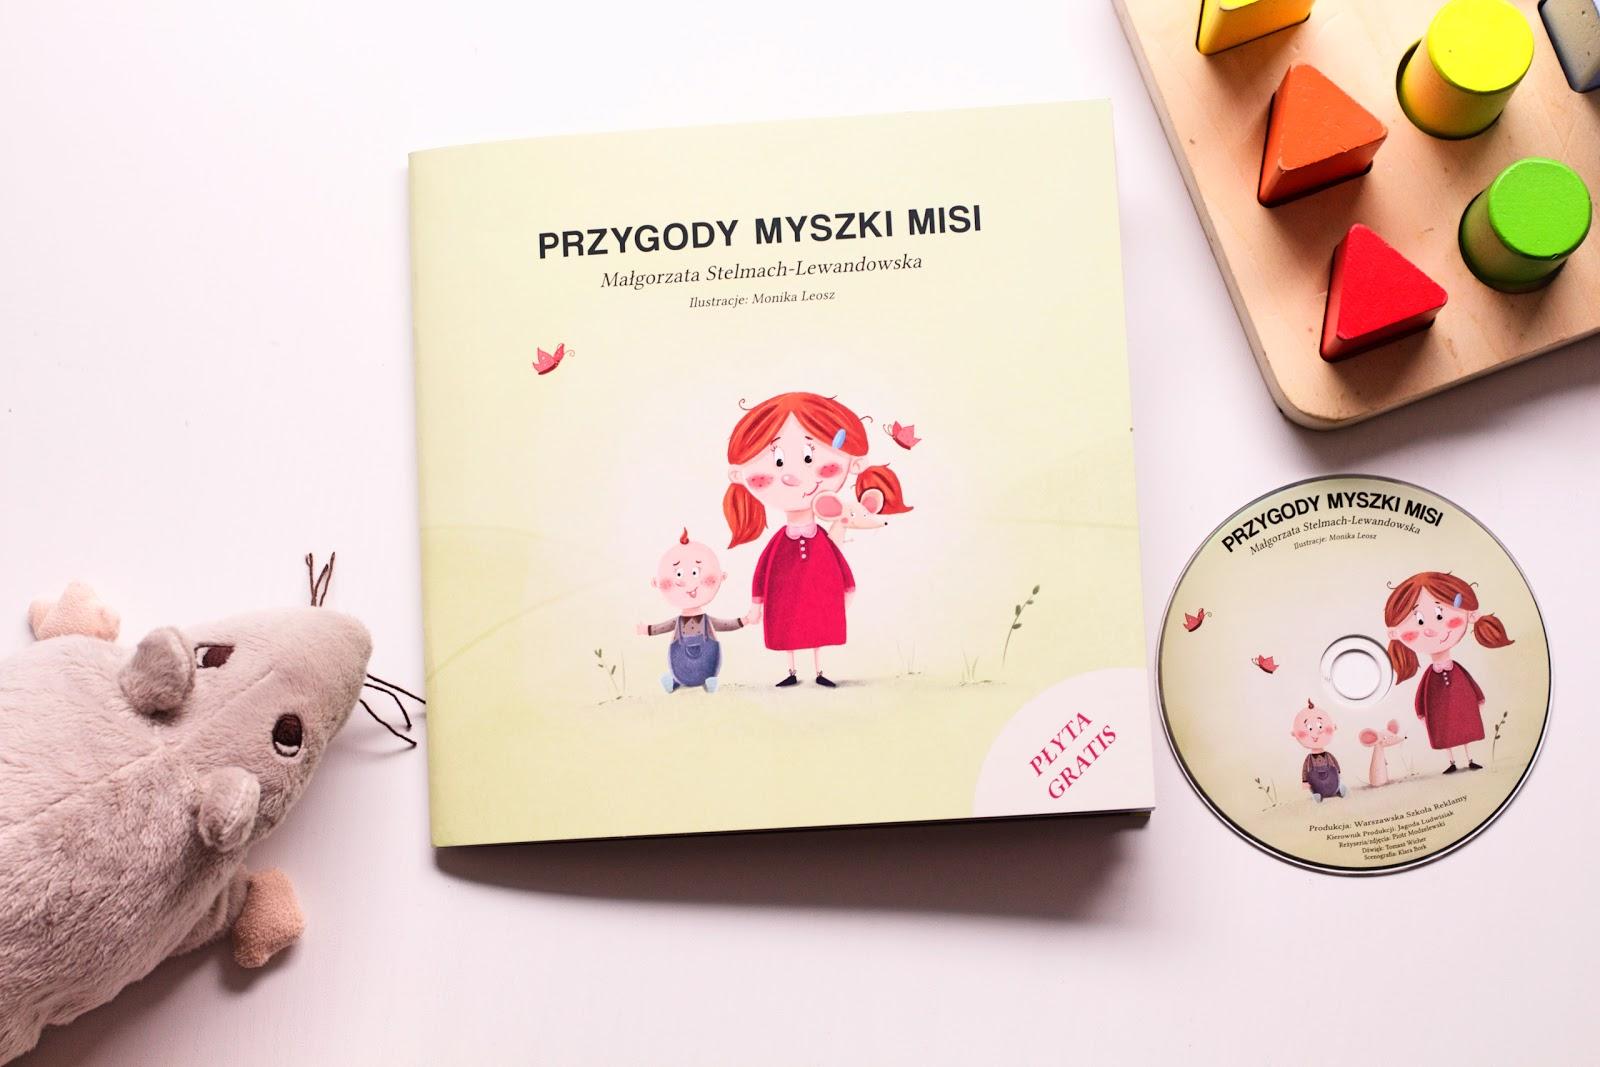 c90d8698b4c9 Madziakowo  Przygody Myszki MISI - Małgorzata Stelmach-Lewandowska